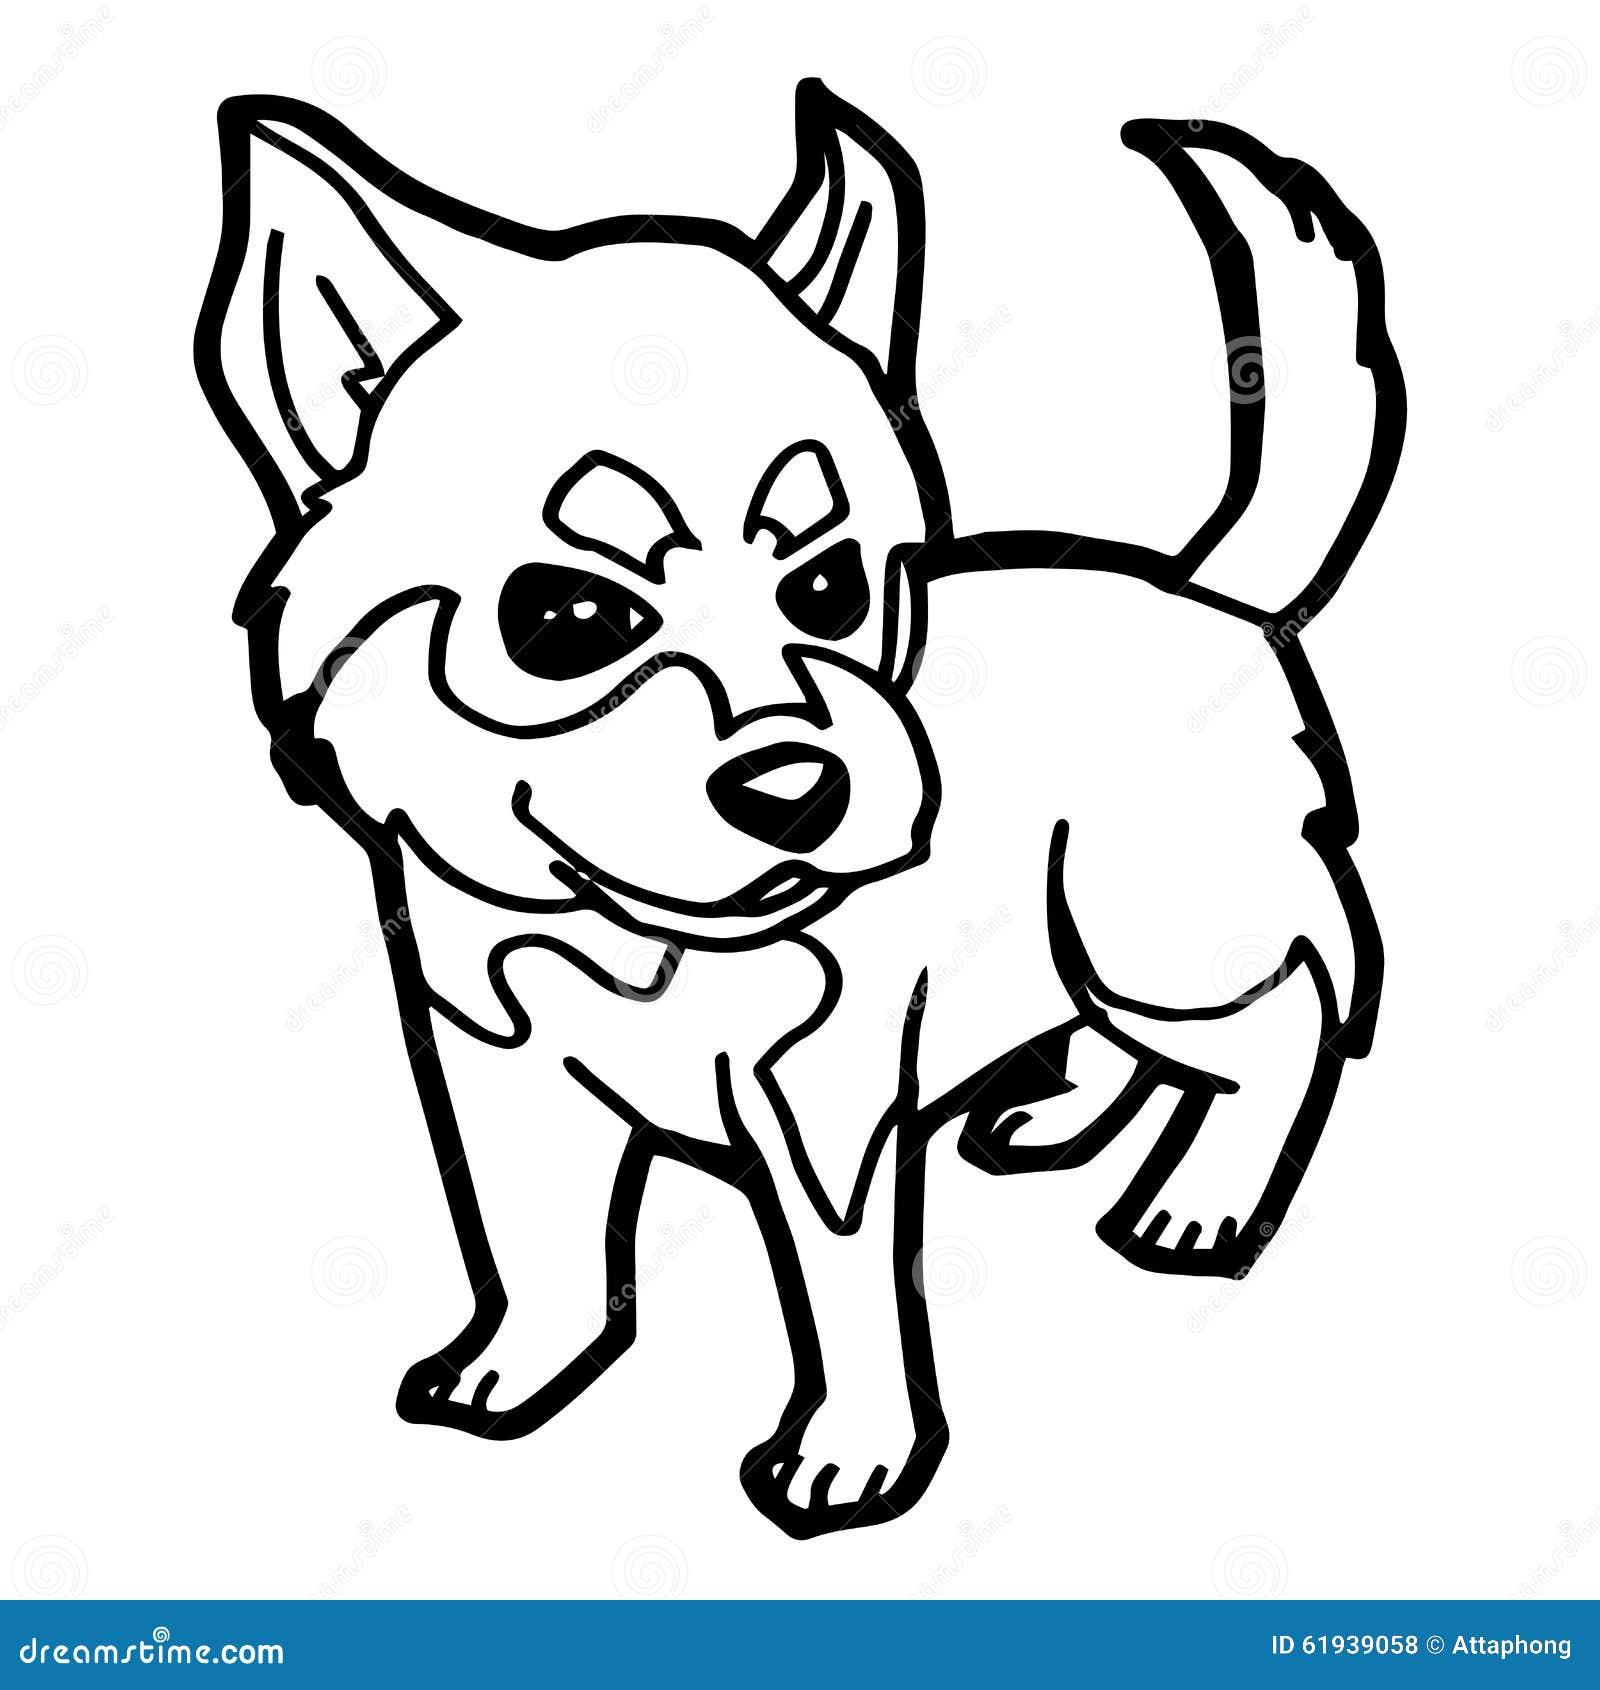 Illustrazione del fumetto del cane divertente per il libro for Immagini di cani da colorare